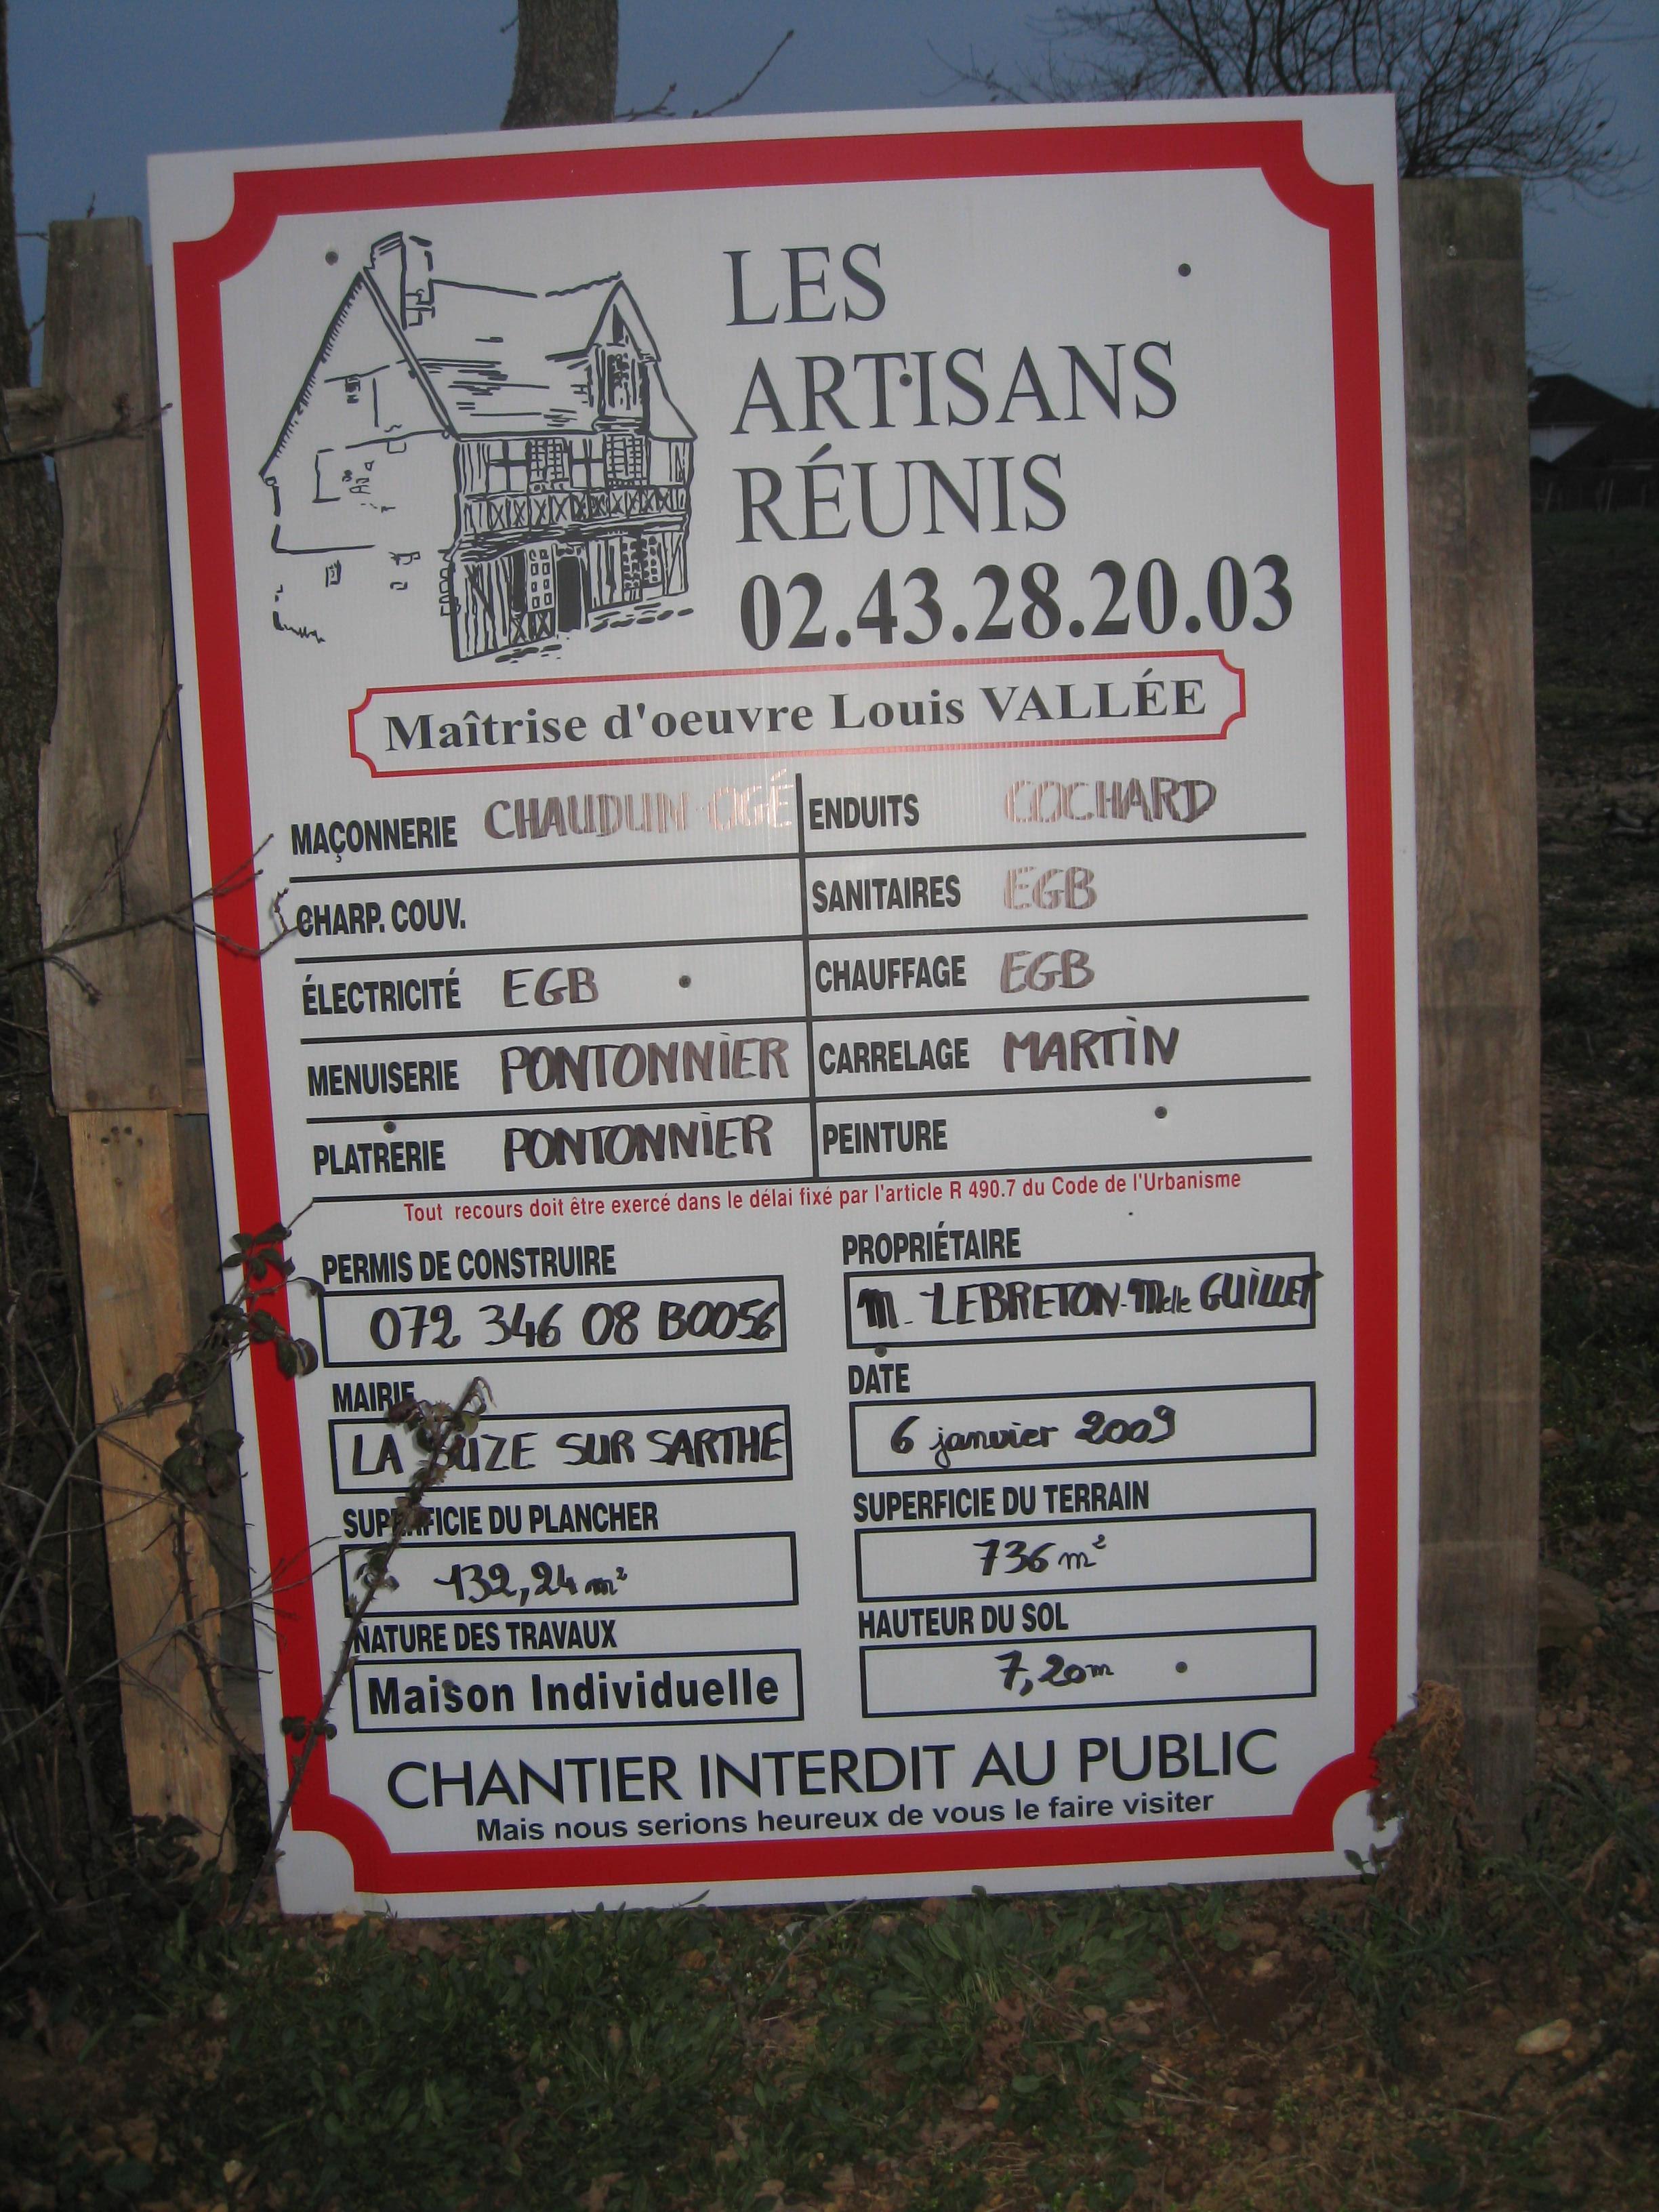 Le journal de notre maison a actu for Panneau de permis de construire gratuit